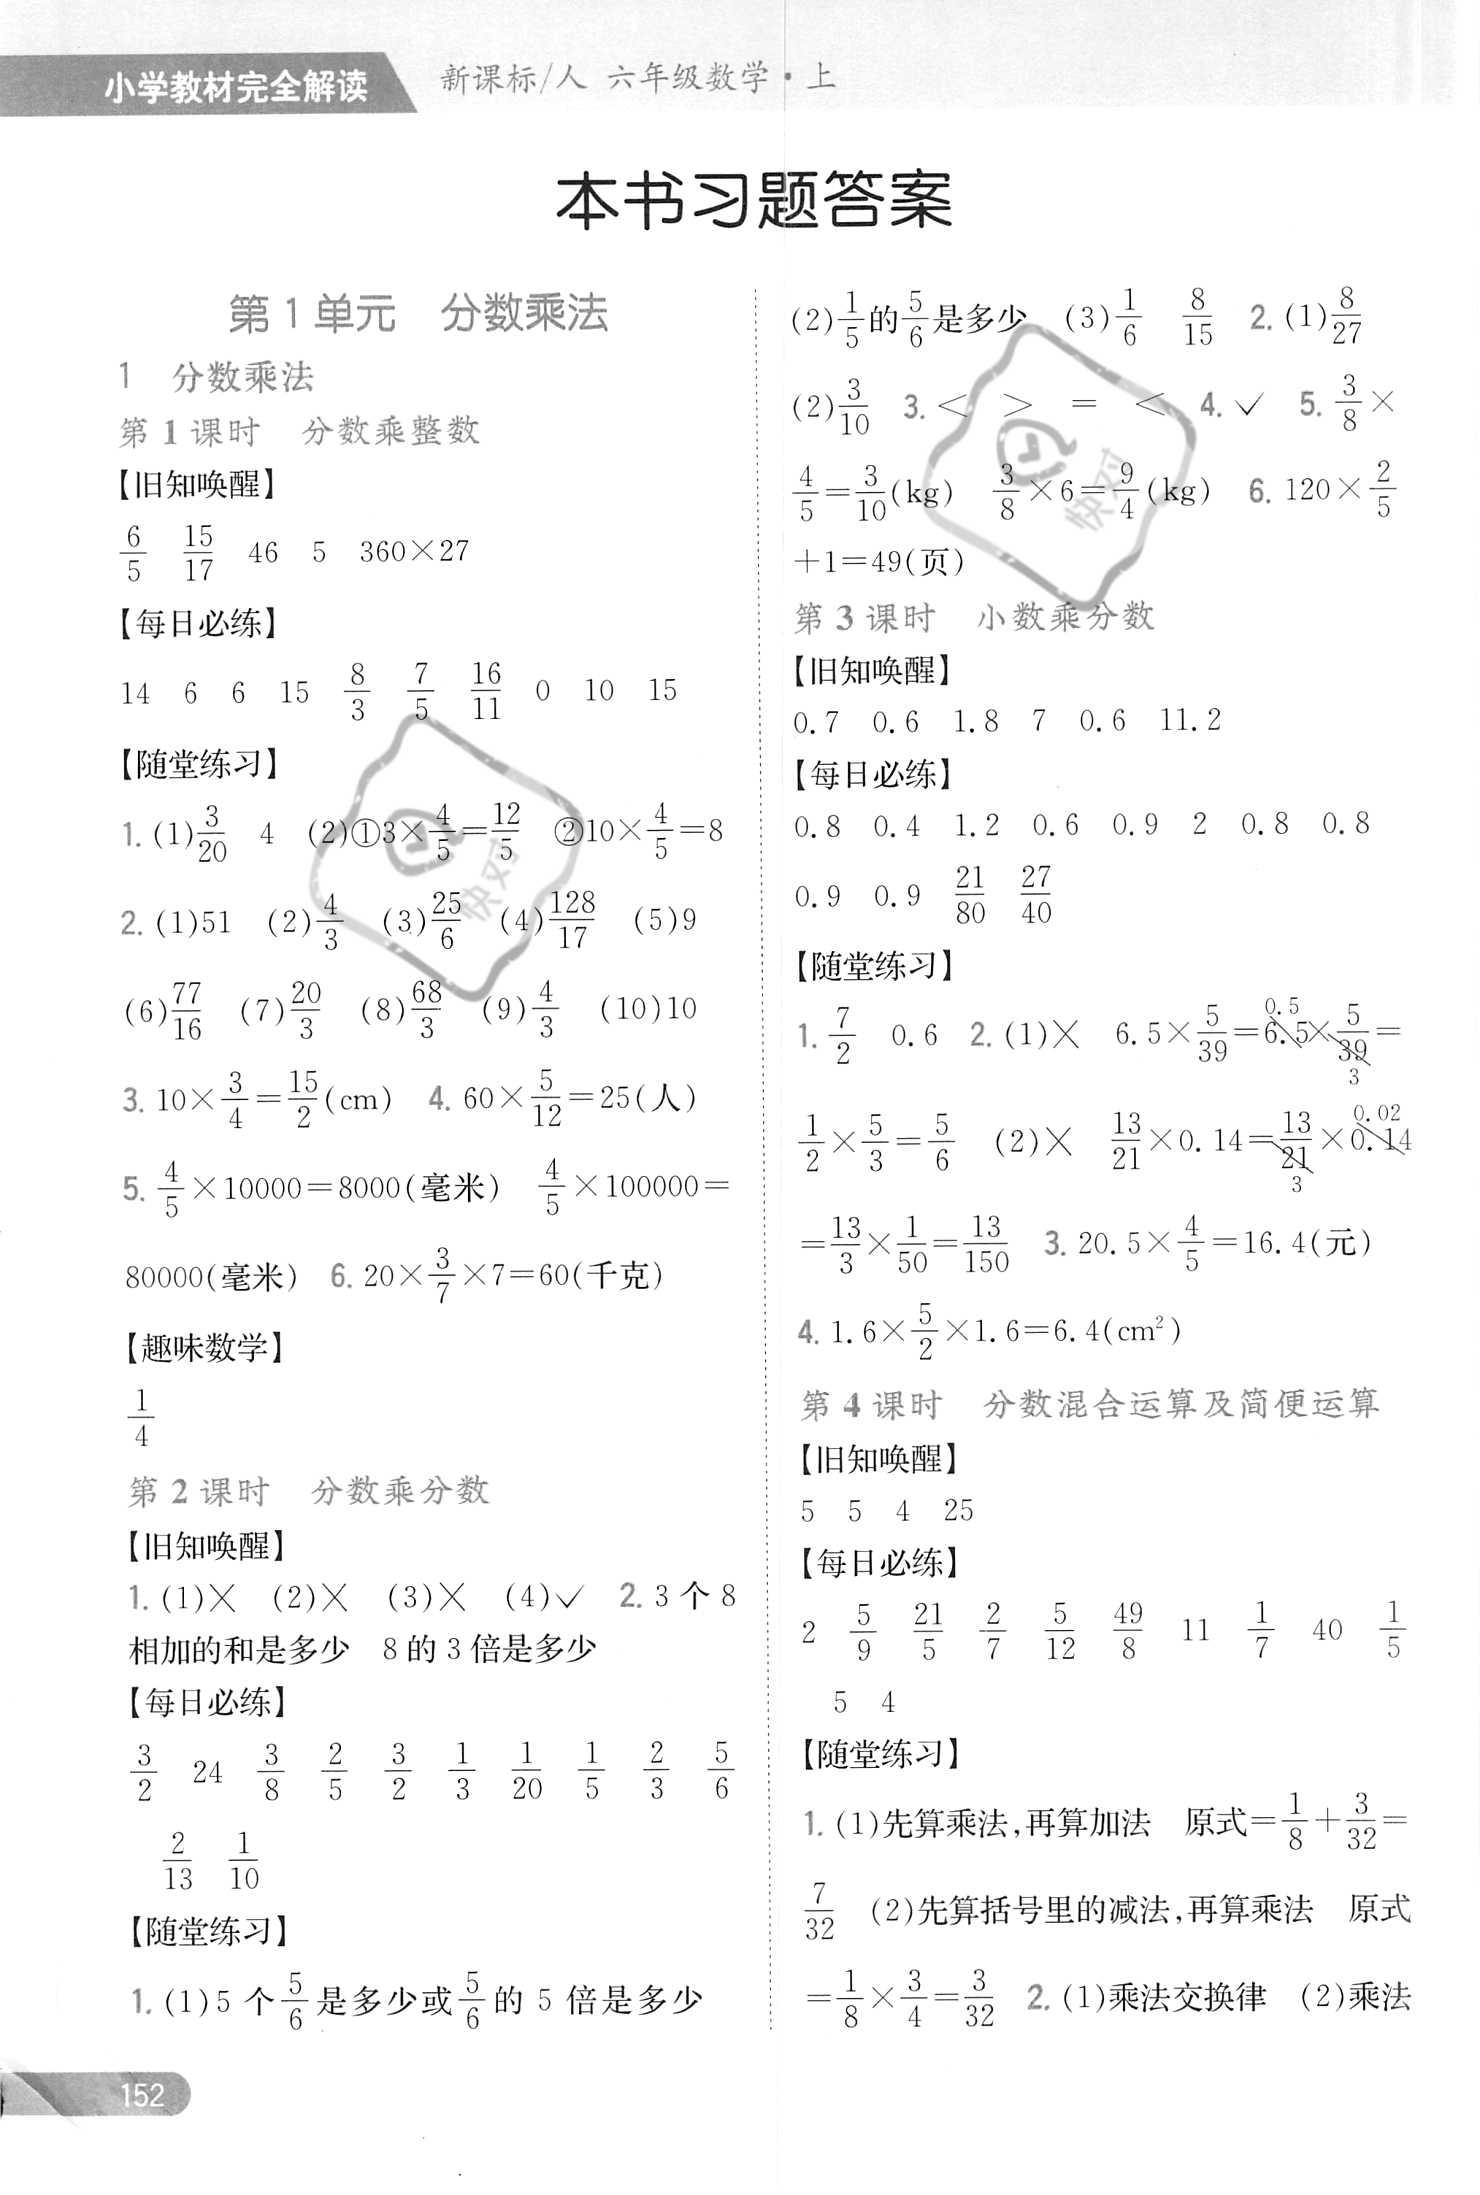 2021年小学教材完全解读(吉林专版)六年级数学上册人教版